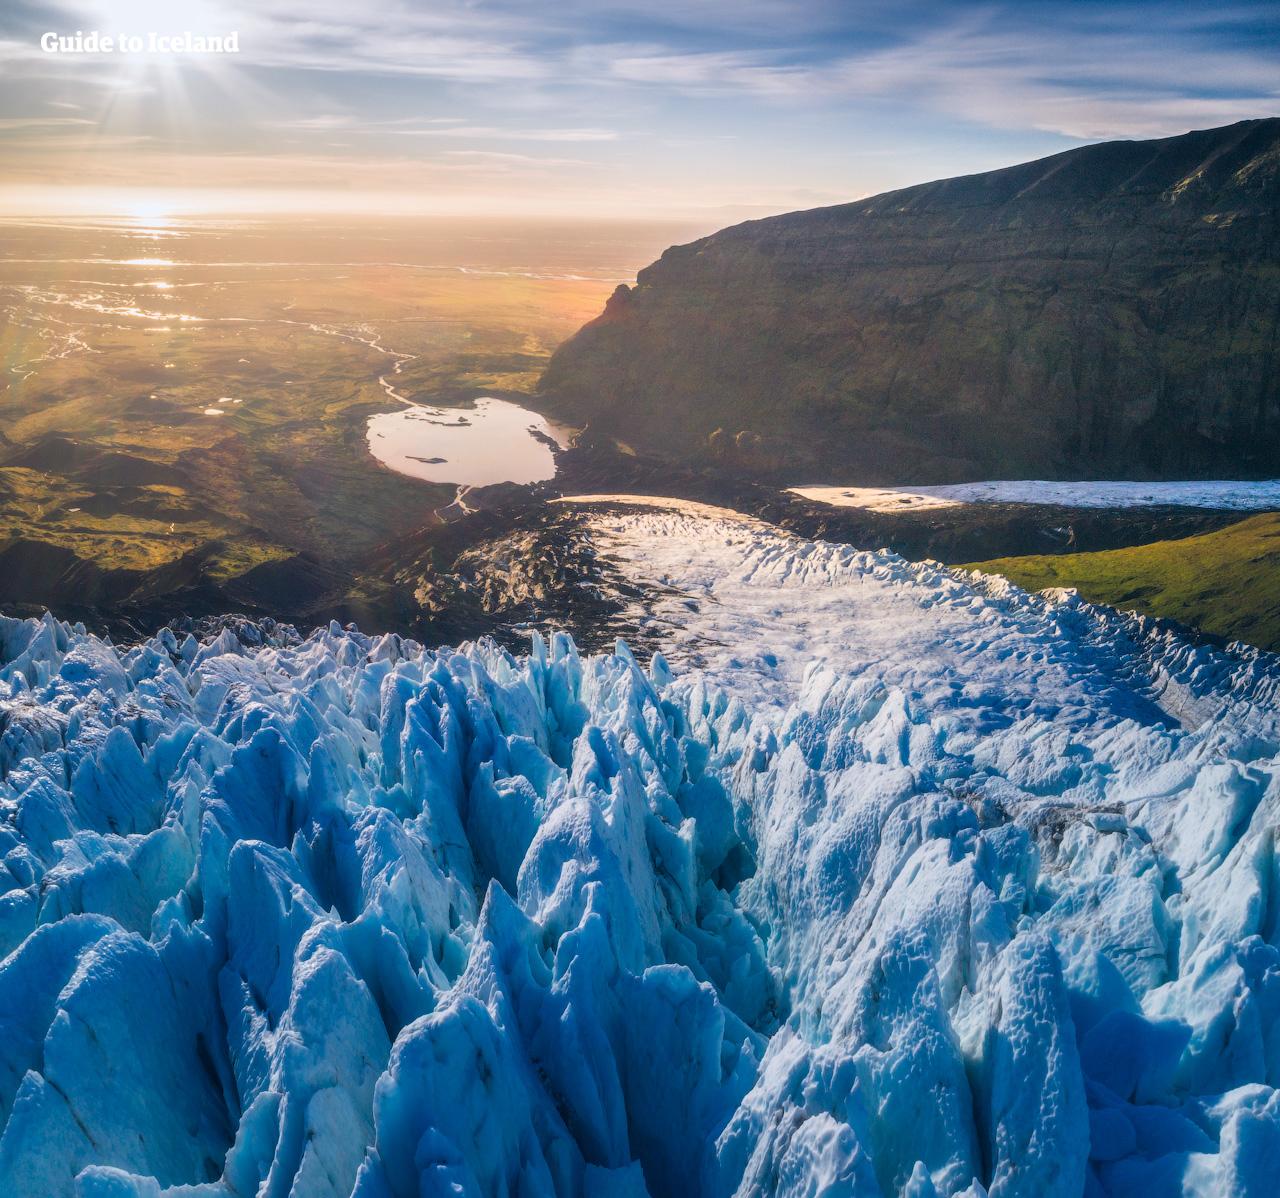 Rijd tijdens je autorondreis in de zomer langs de zuidkust van IJsland en zie het zwarte zand, de witte gletsjers en de groene flora.